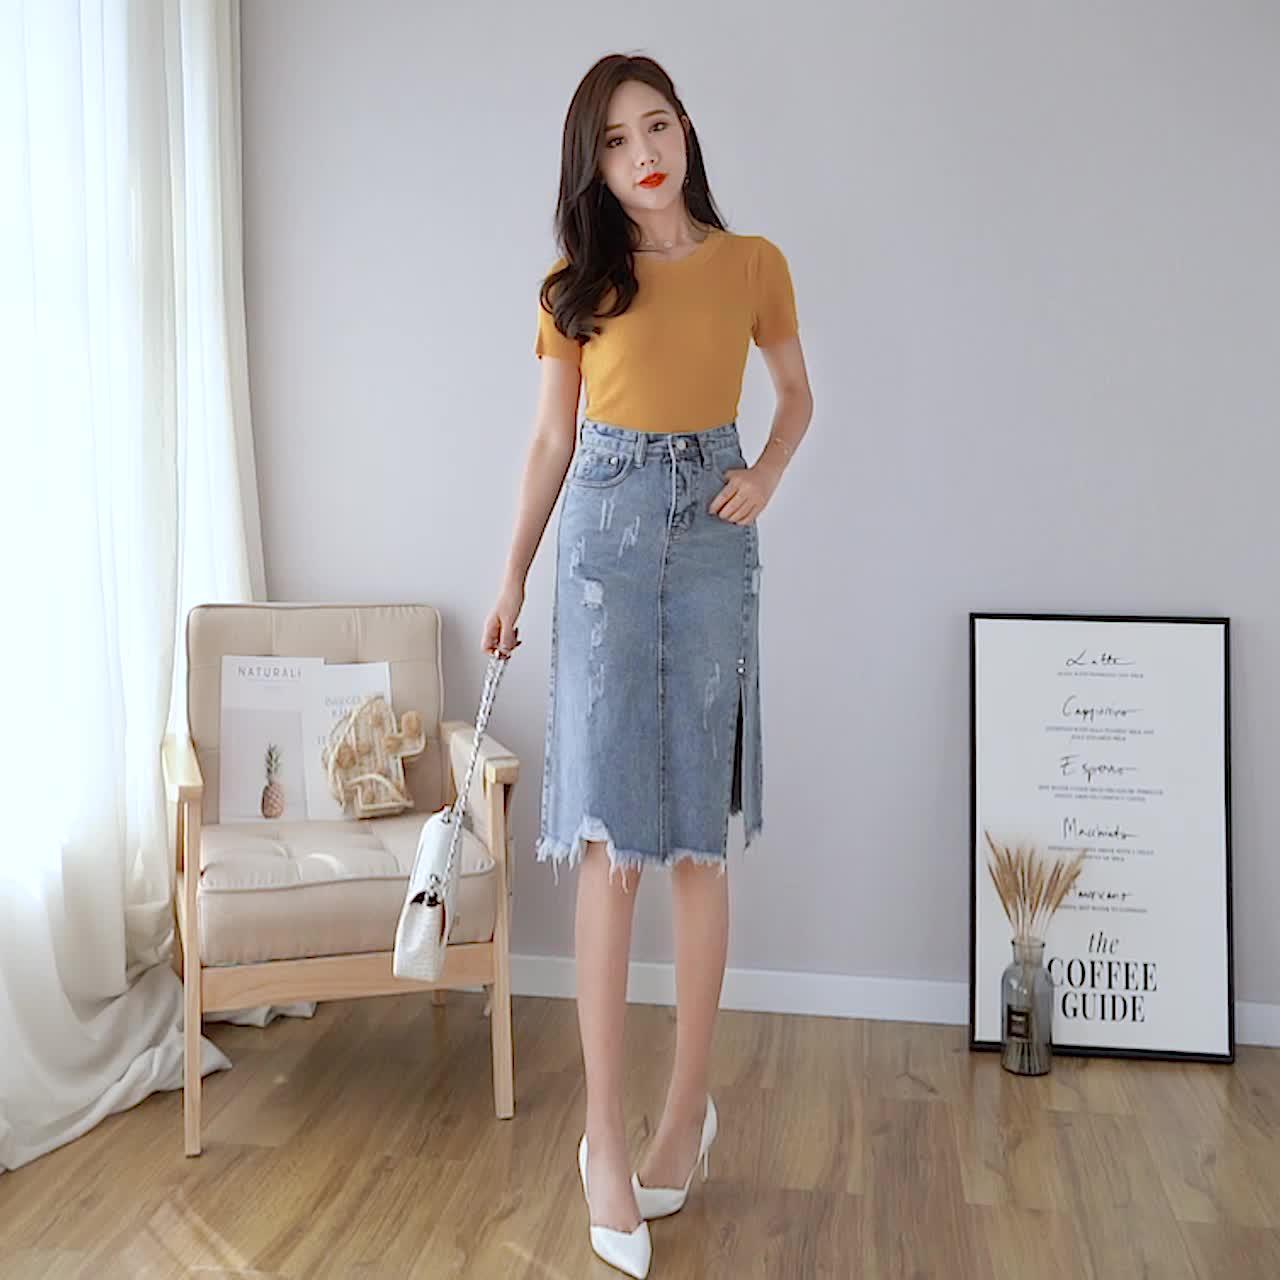 2019新款破洞半身裙牛仔高腰春款包臀裙 牛仔裙开叉中长款女夏季